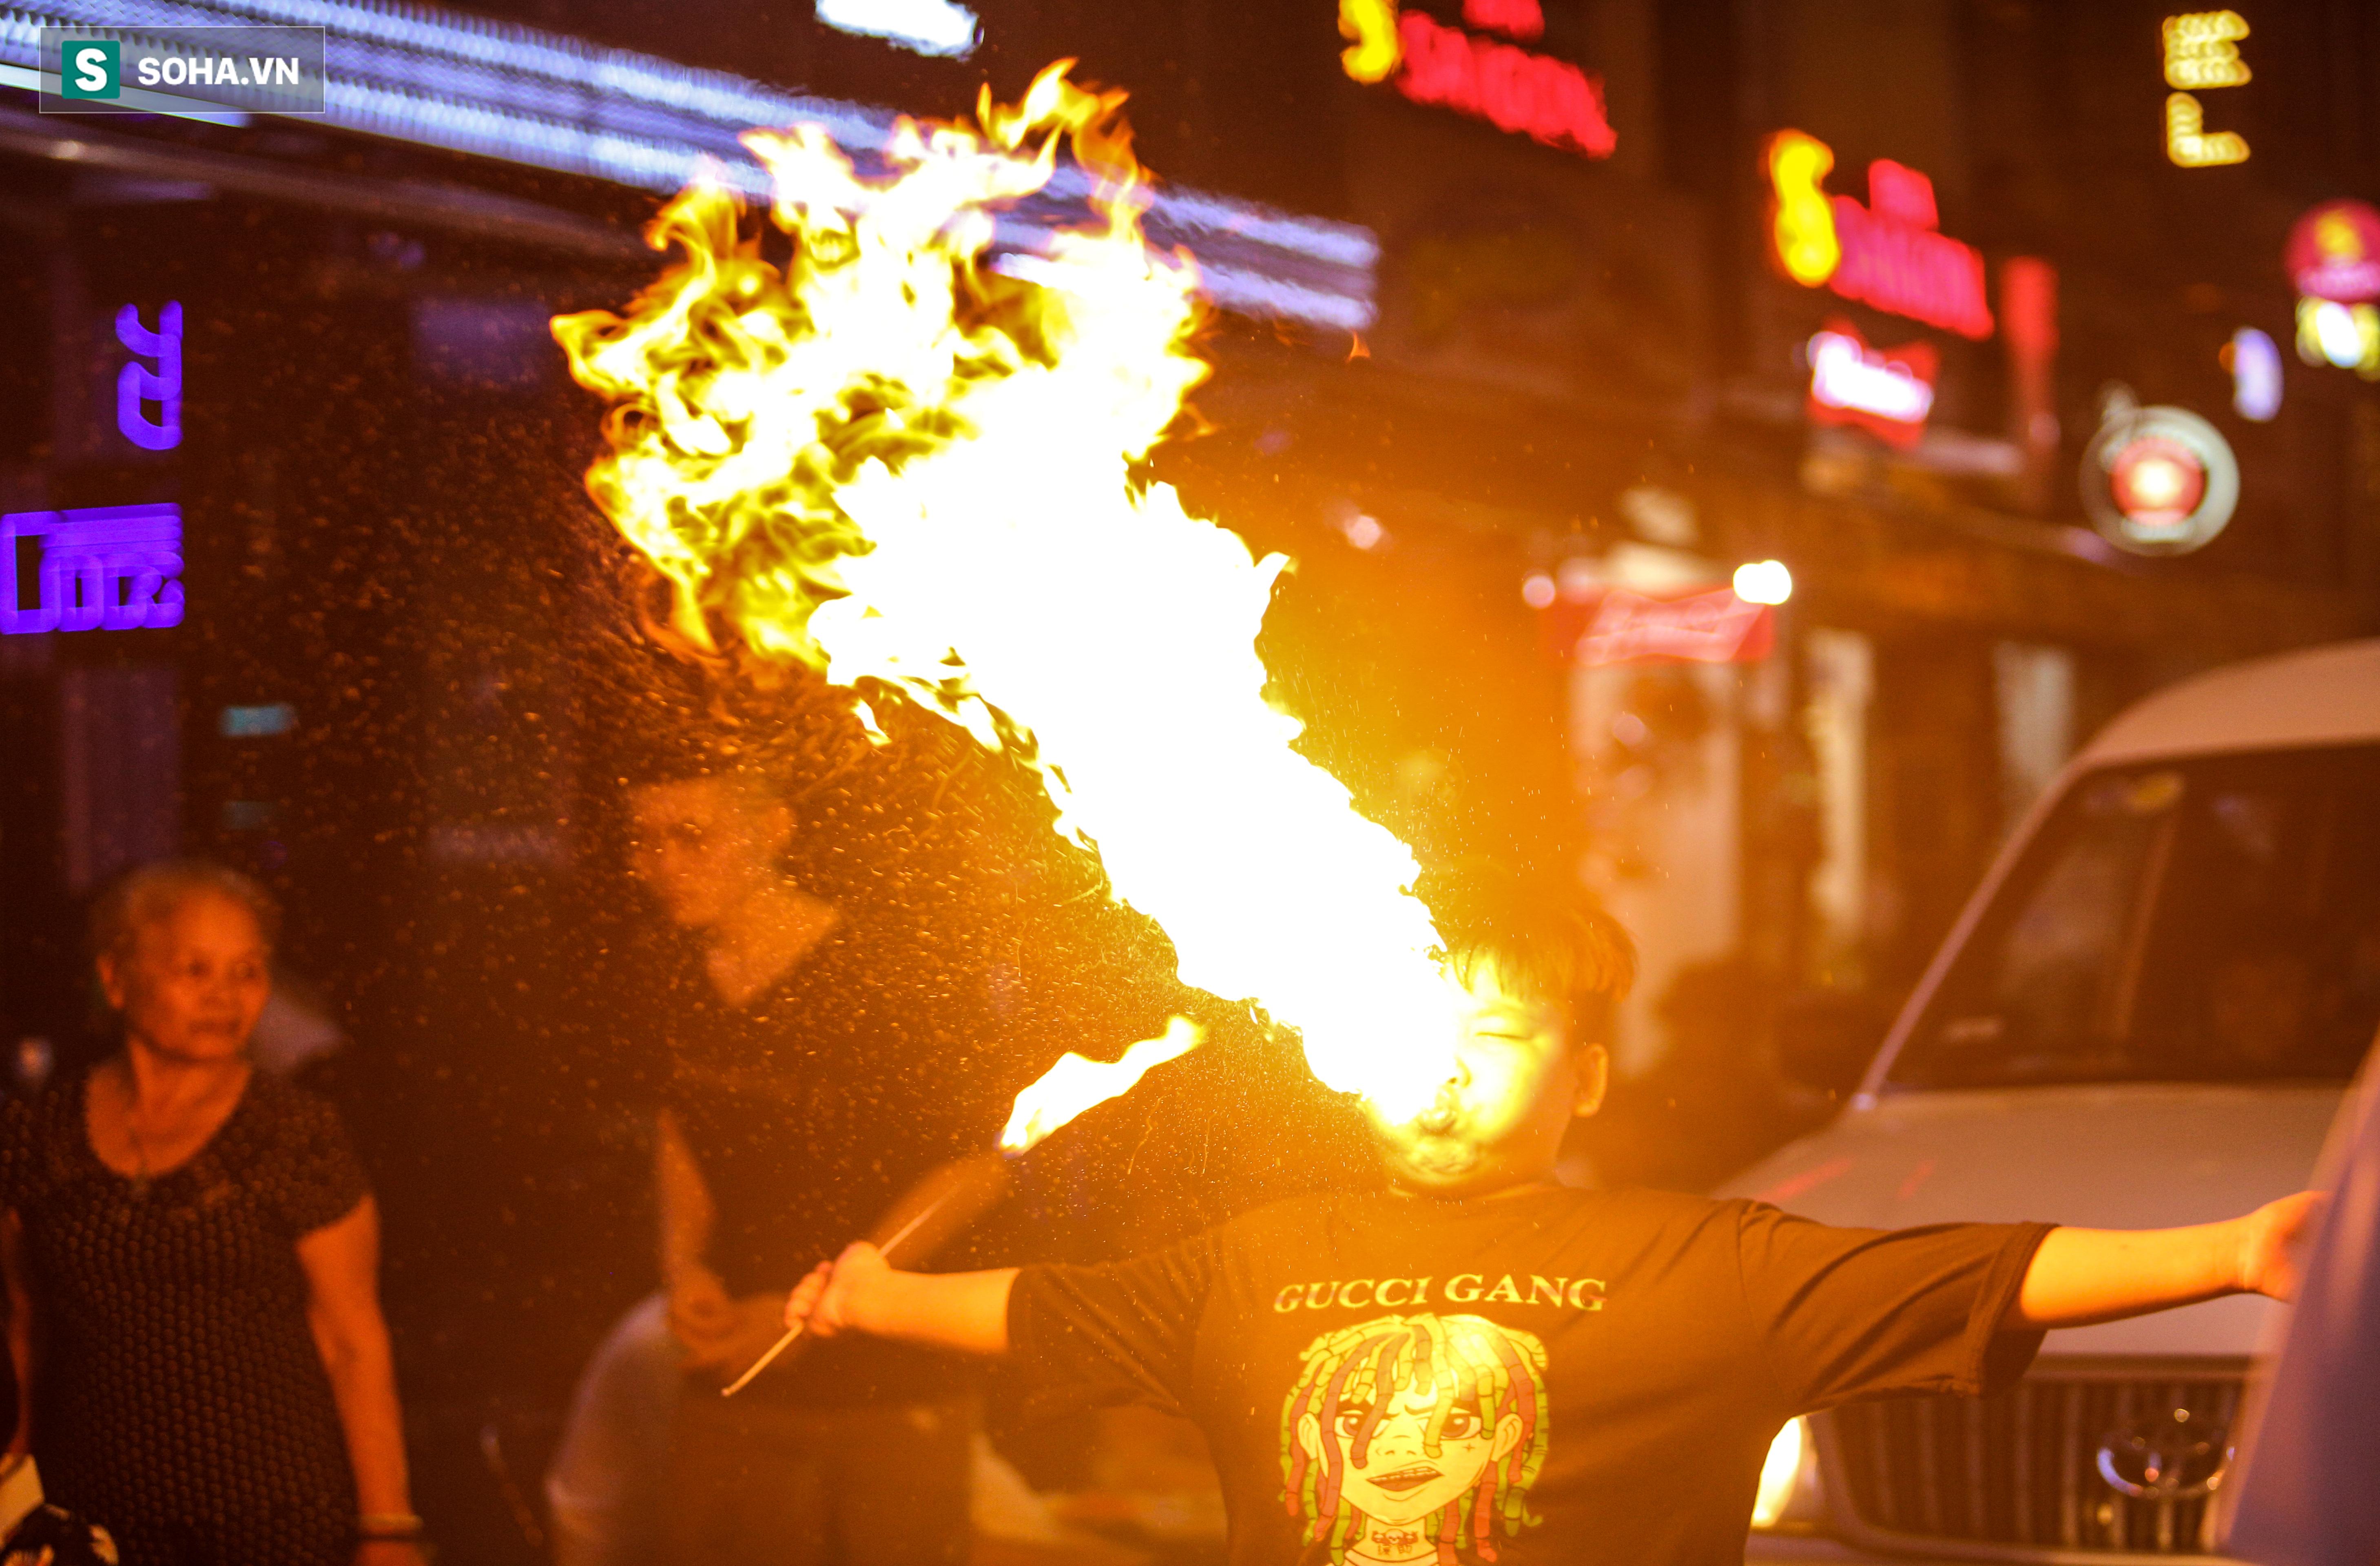 Những đứa trẻ không Tết thiếu nhi, trắng đêm phun lửa mưu sinh ở phố Tây Bùi Viện - Ảnh 14.